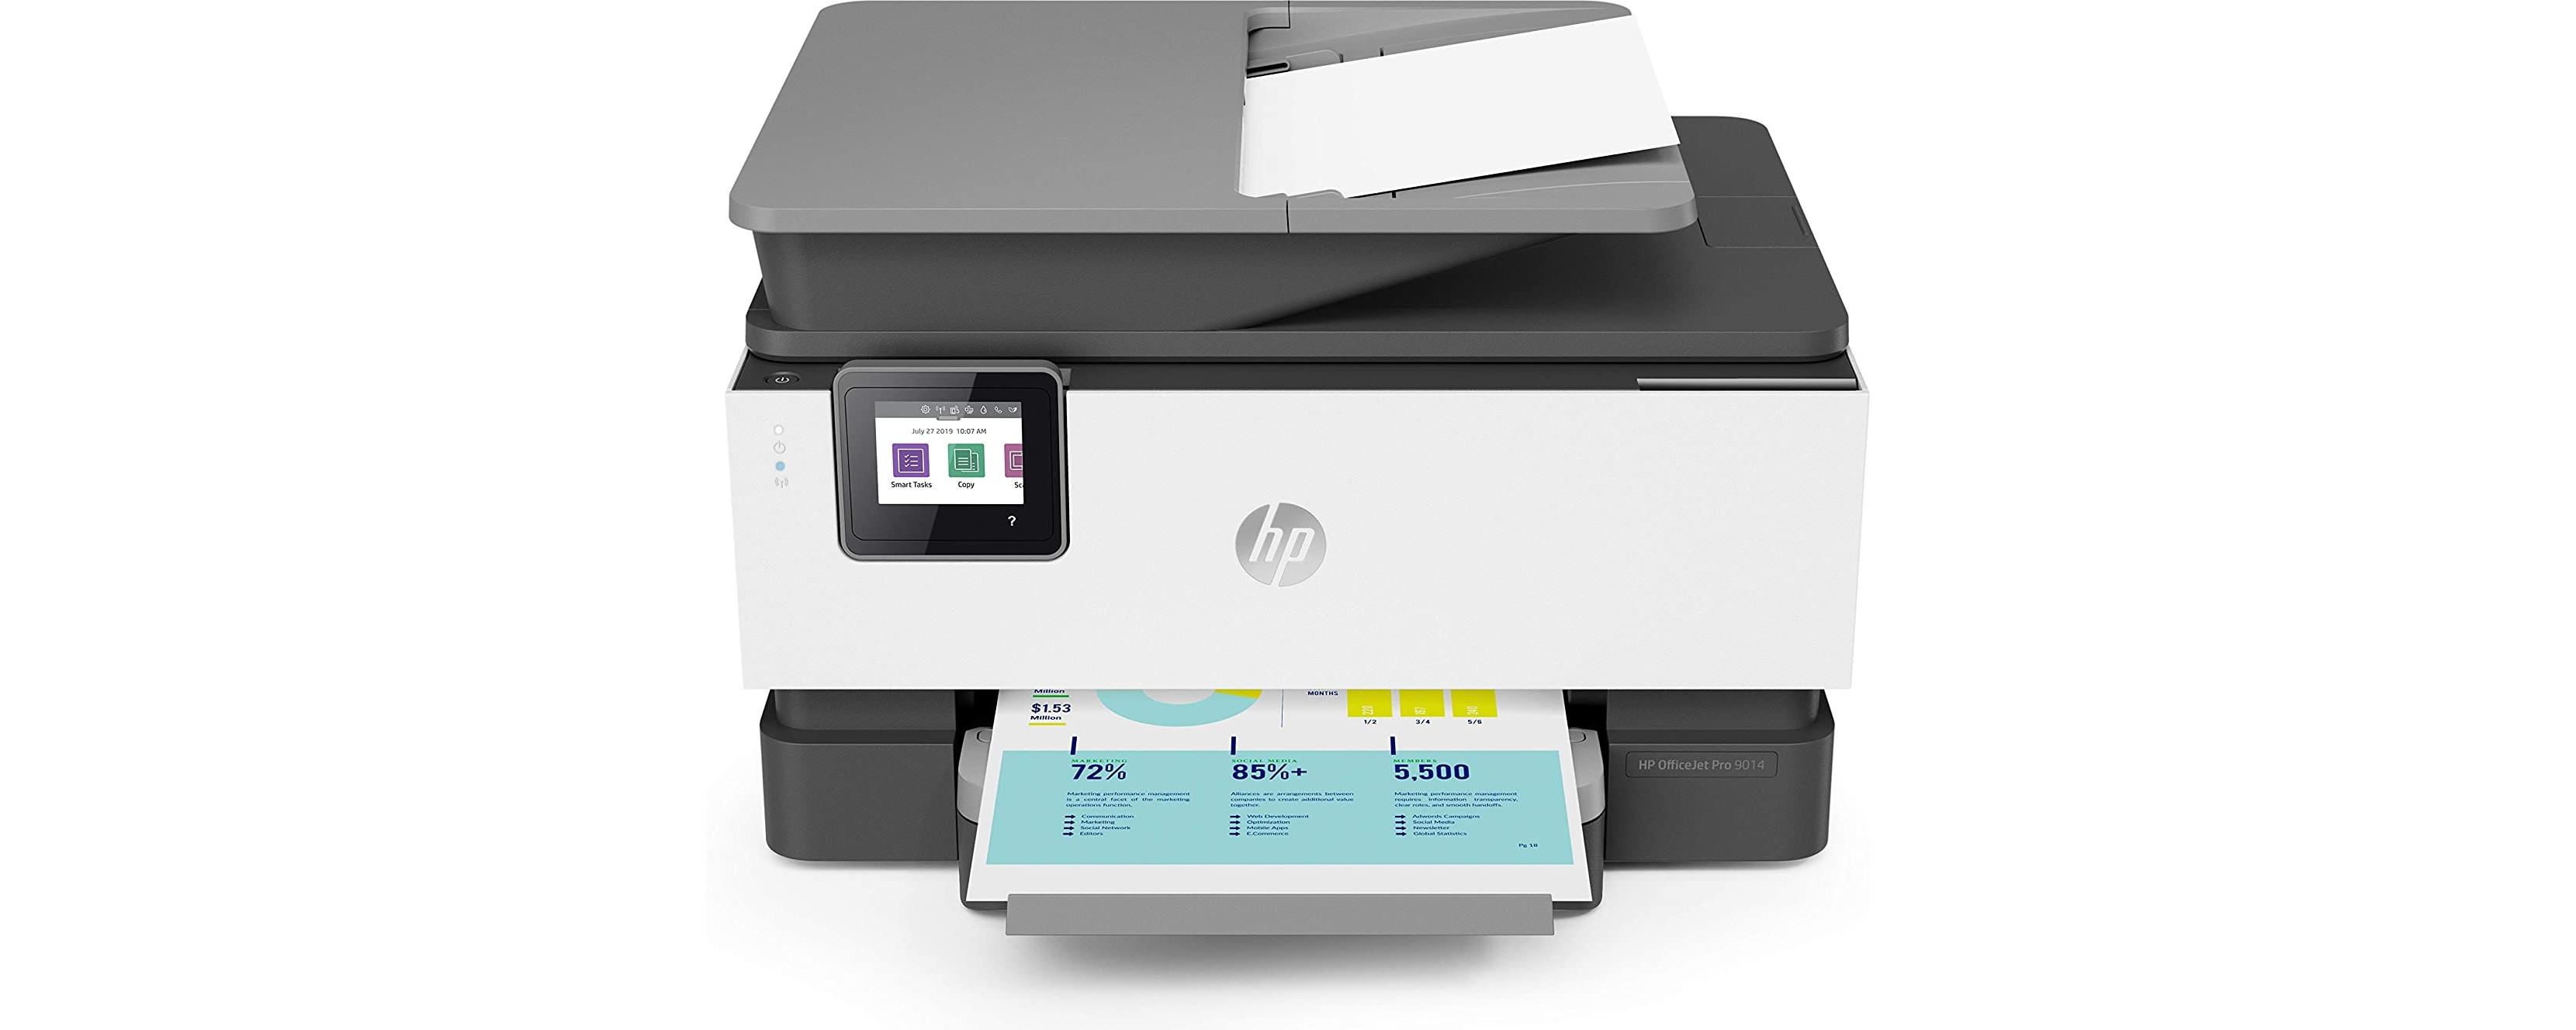 Cartuchos HP OfficeJet Pro 9014